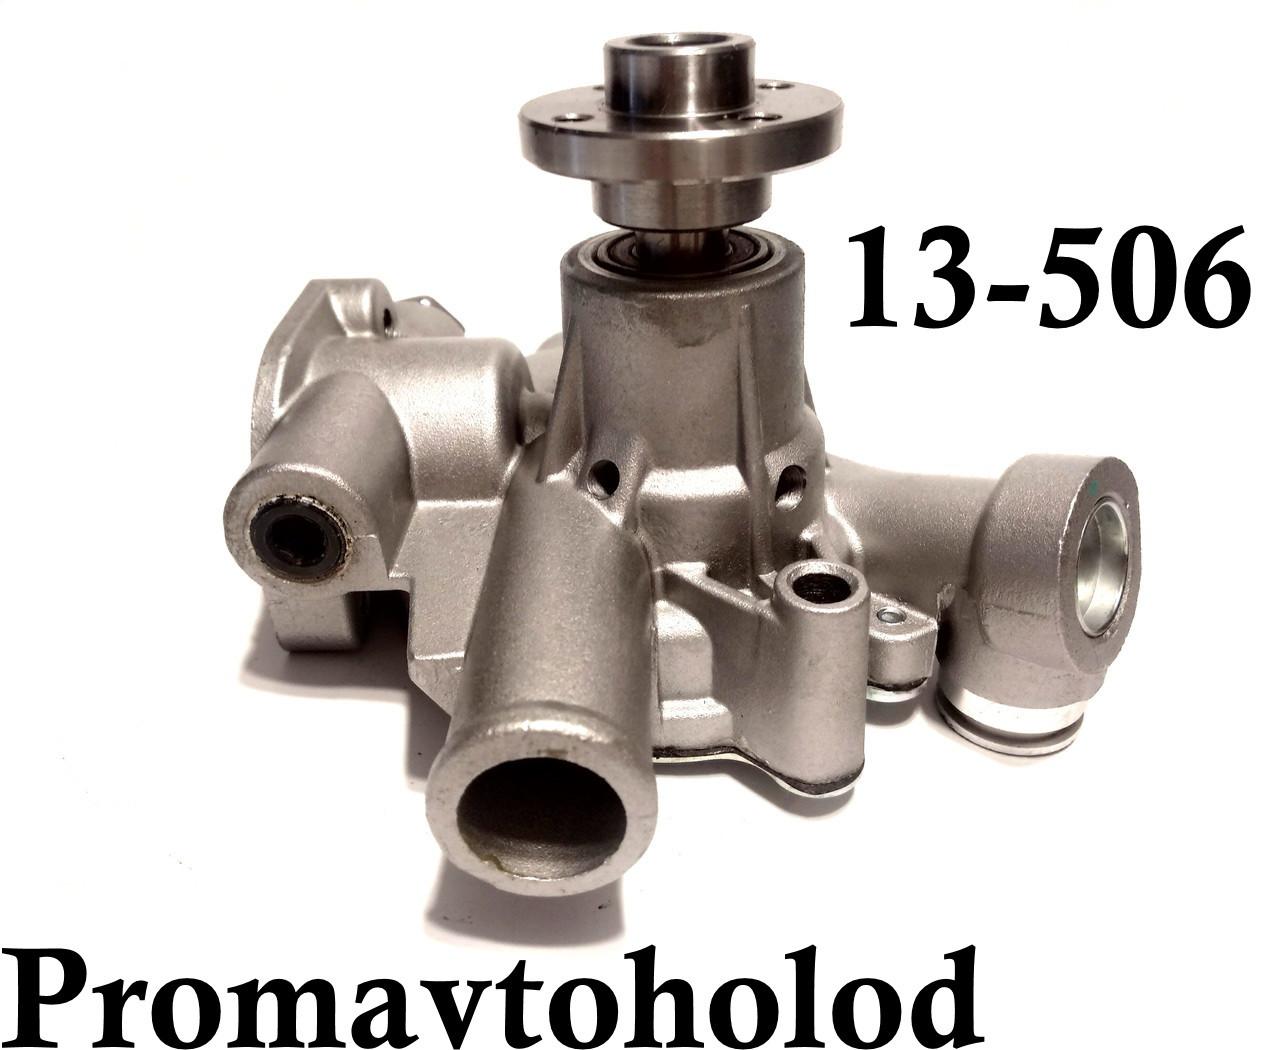 Водяний насос Yanmar 13-506 ℗